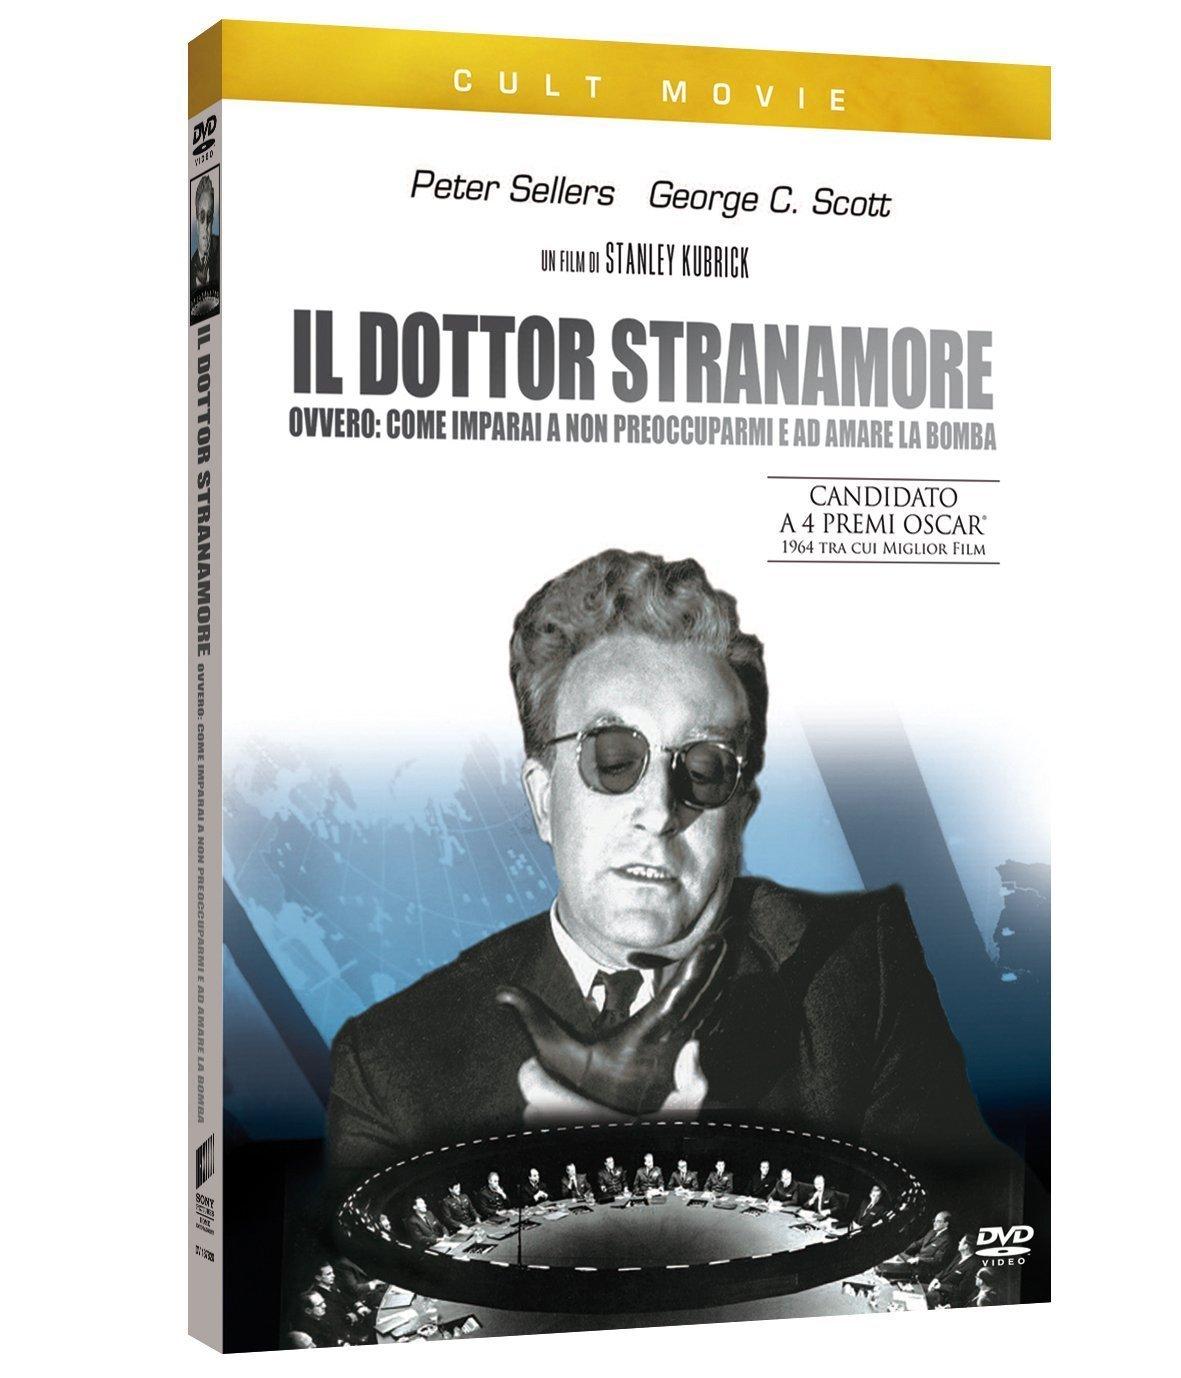 IL DOTTOR STRANAMORE (DVD)